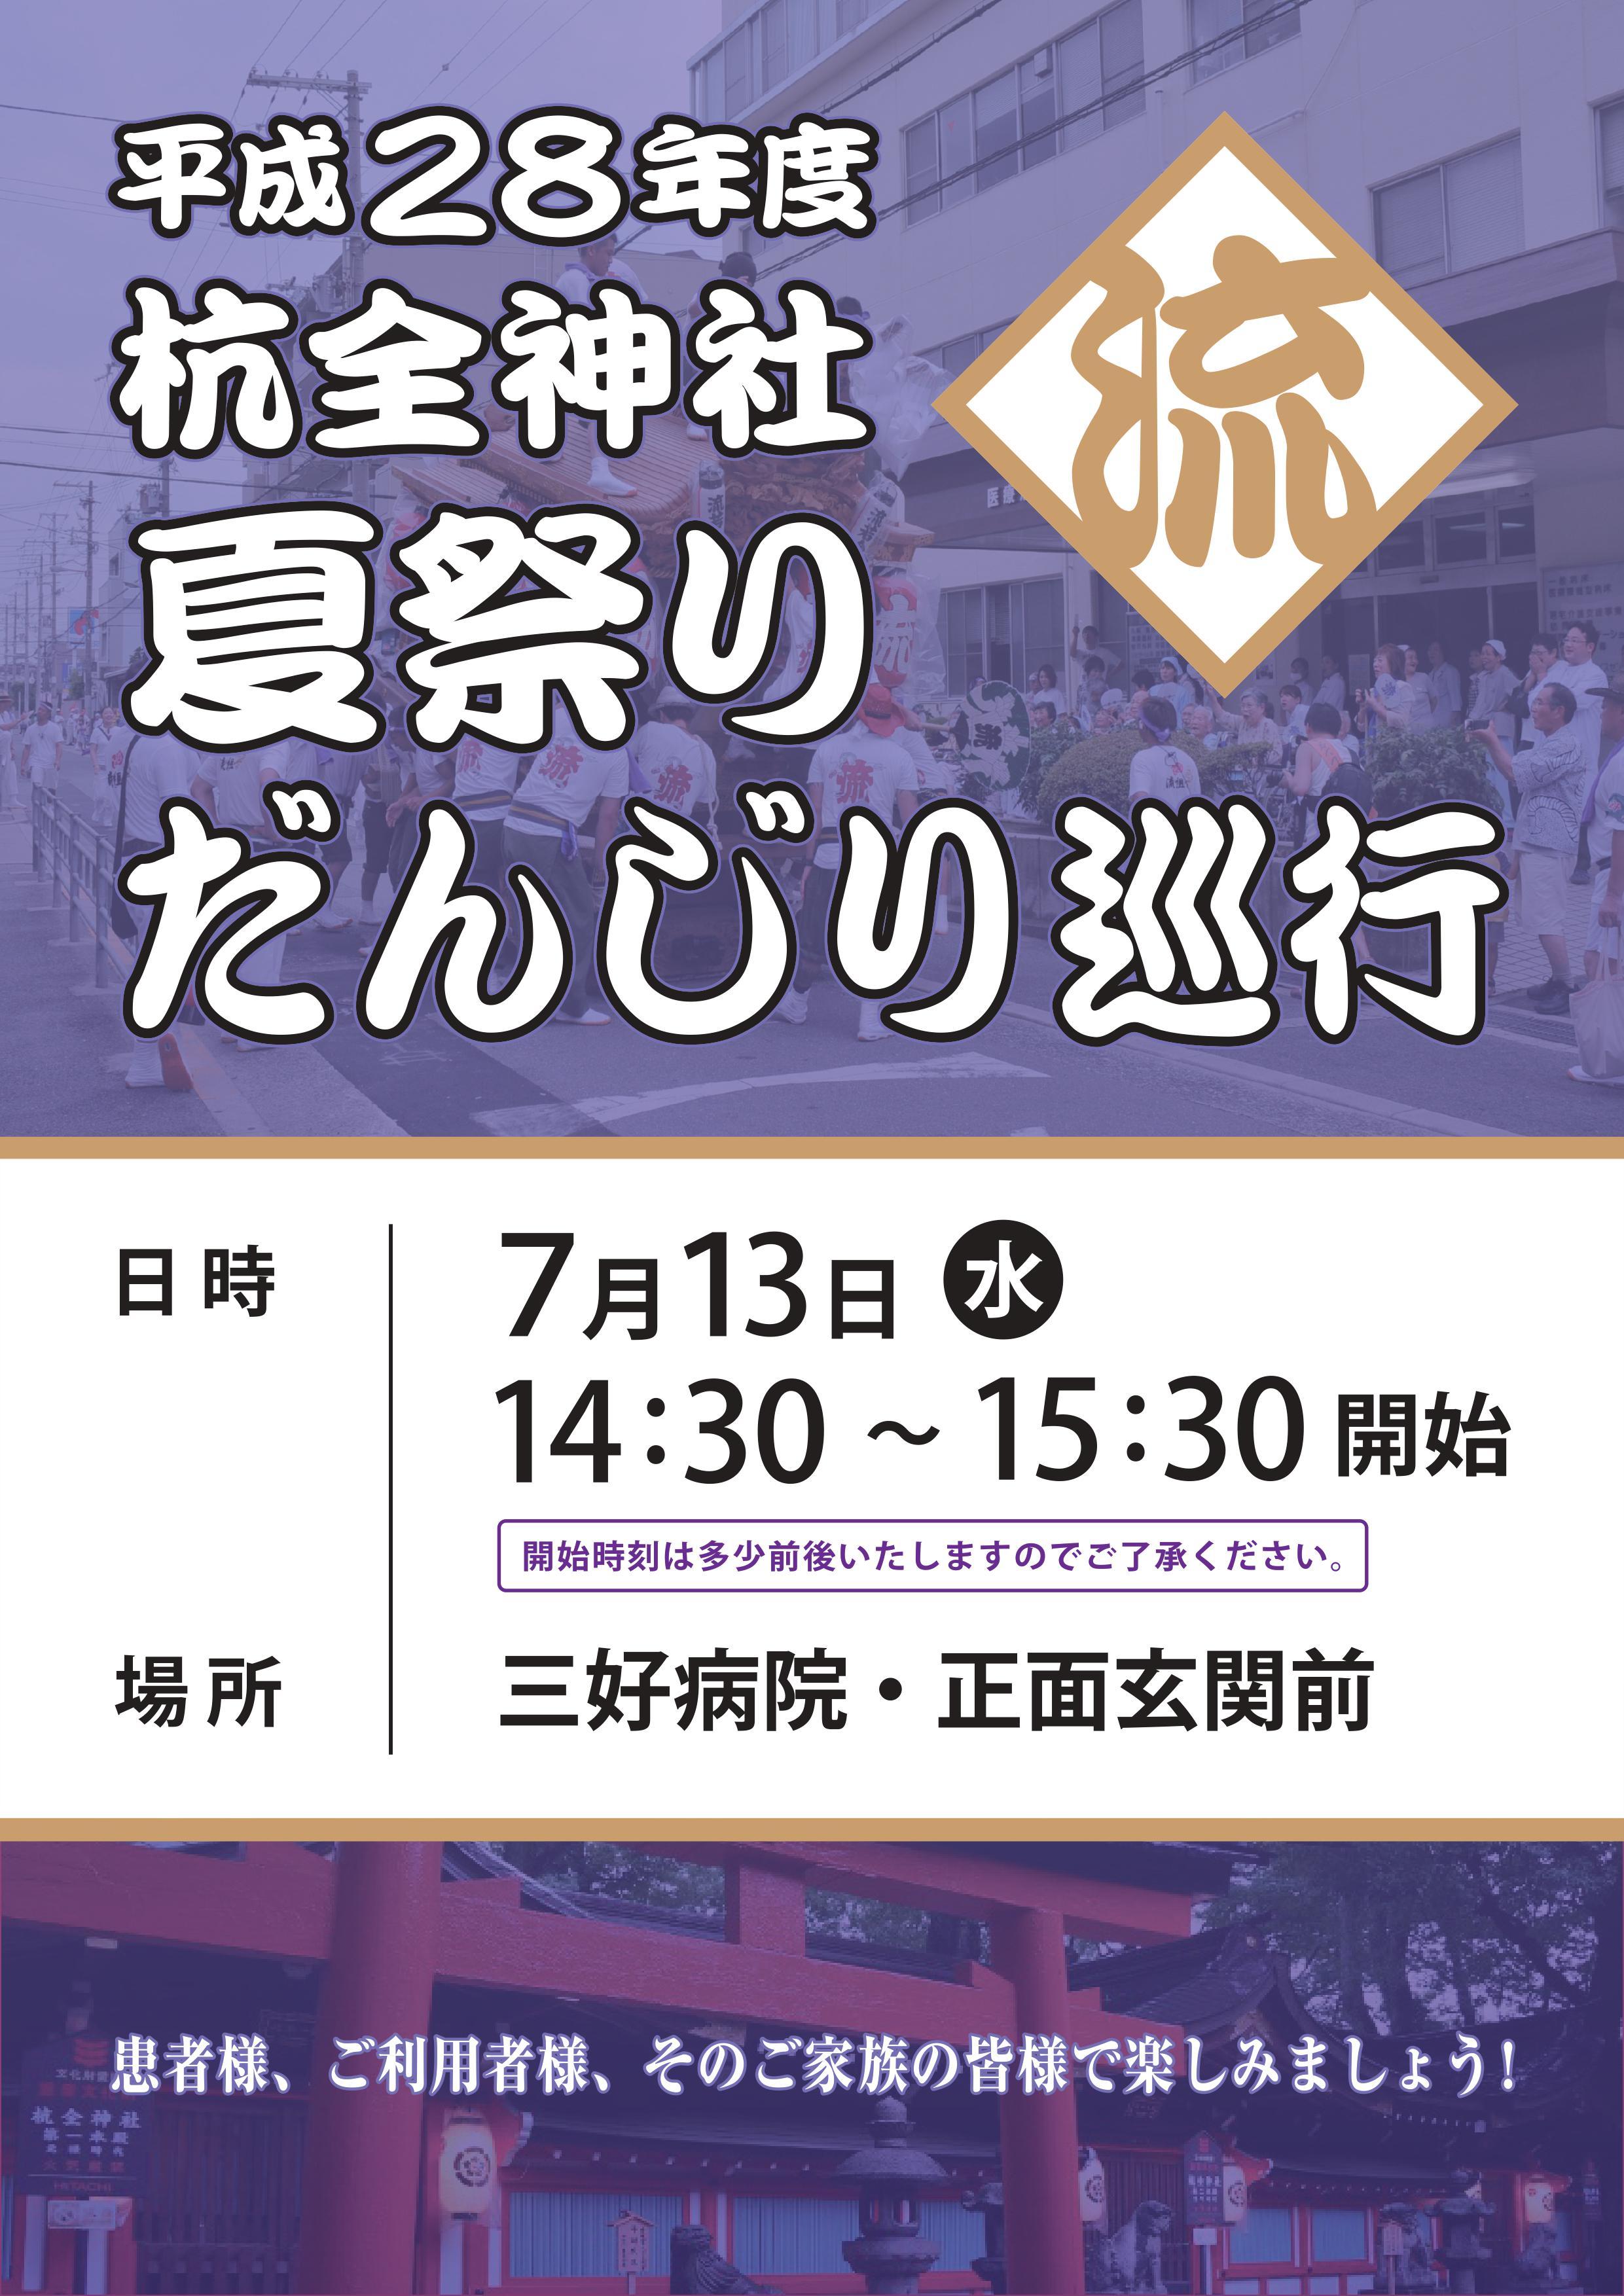 平成28年度 杭全神社 夏祭り だんじり巡行